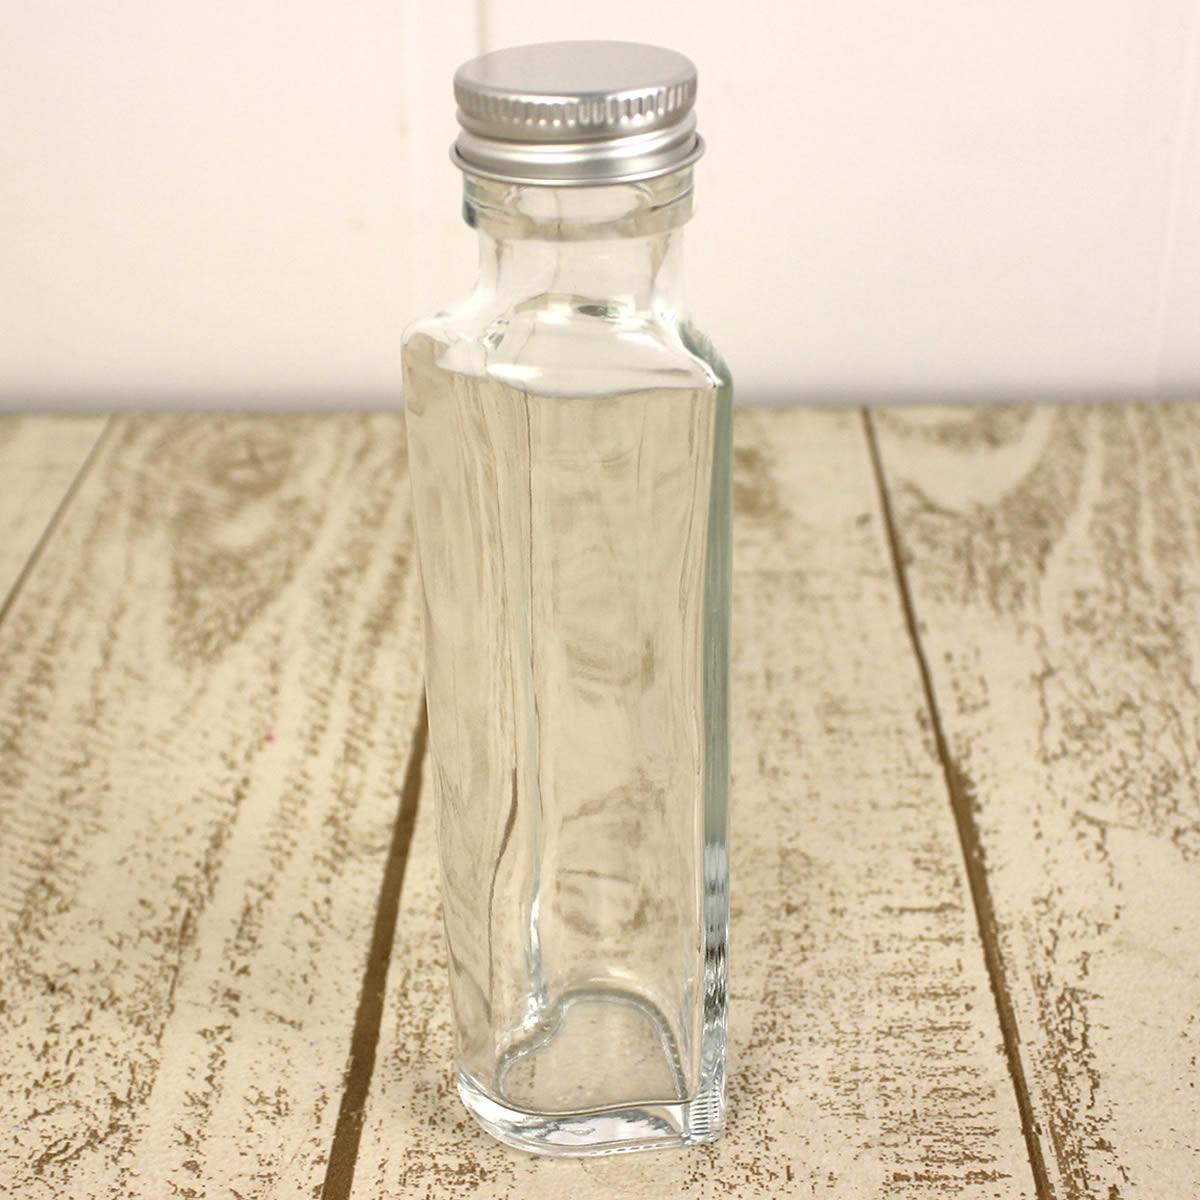 即日 ハーバリウム瓶(ハート)100ml アルミ銀キャップ付《花資材・道具 ハーバリウム材料 ハーバリウム オイル》